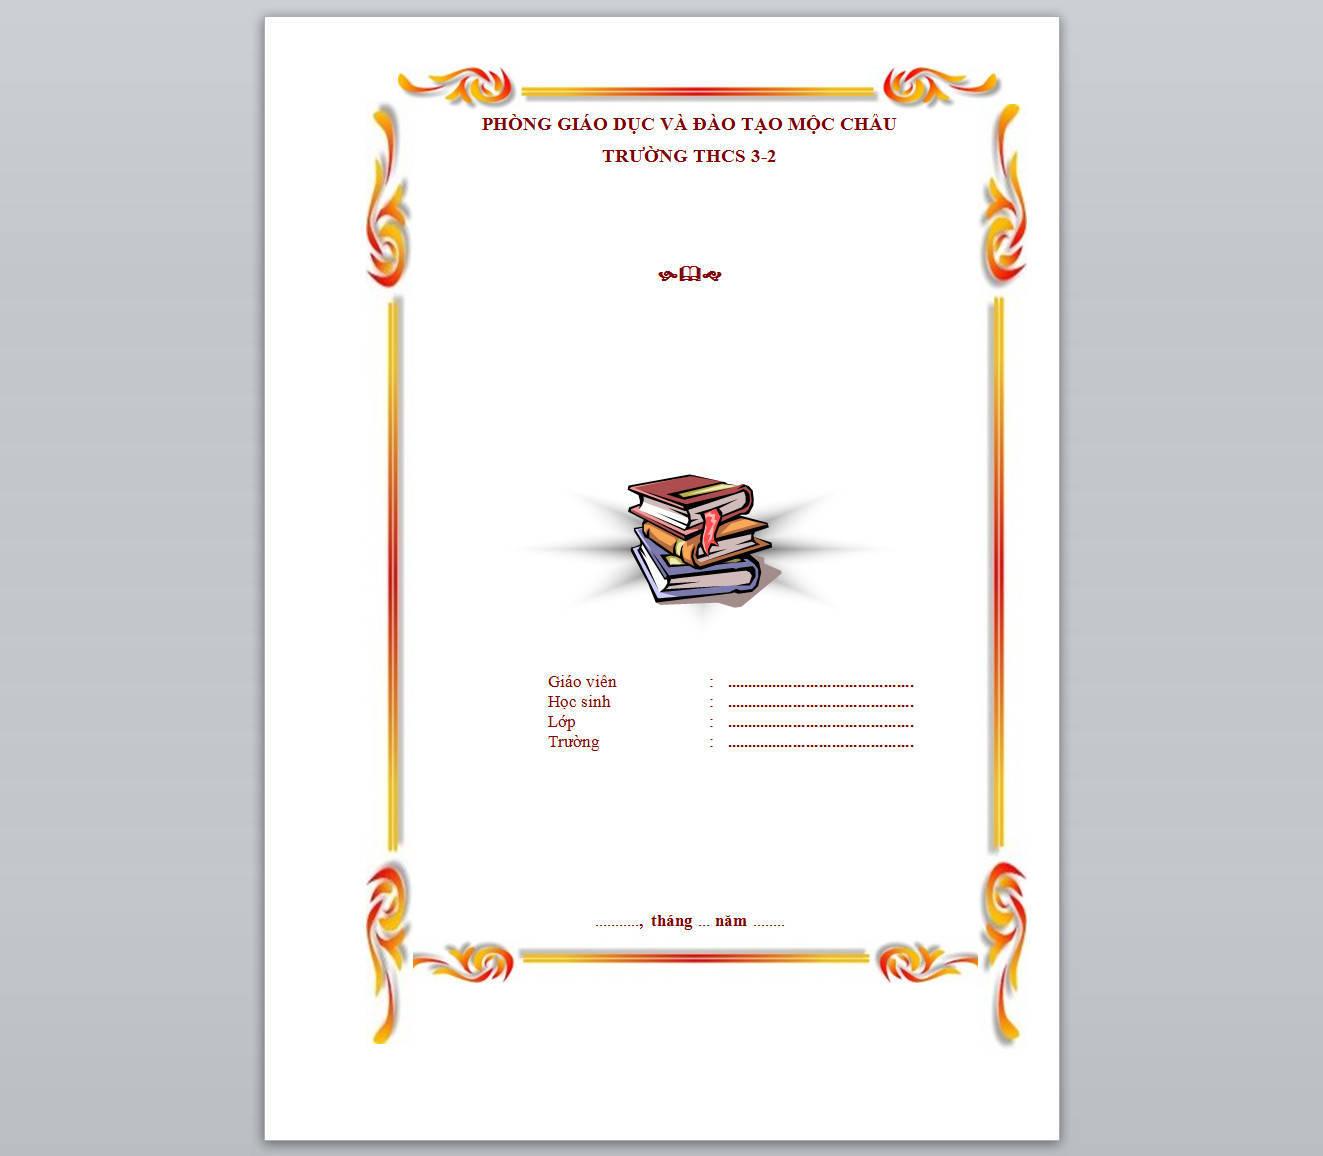 tổng hợp mẫu trang bìa đẹp trong word